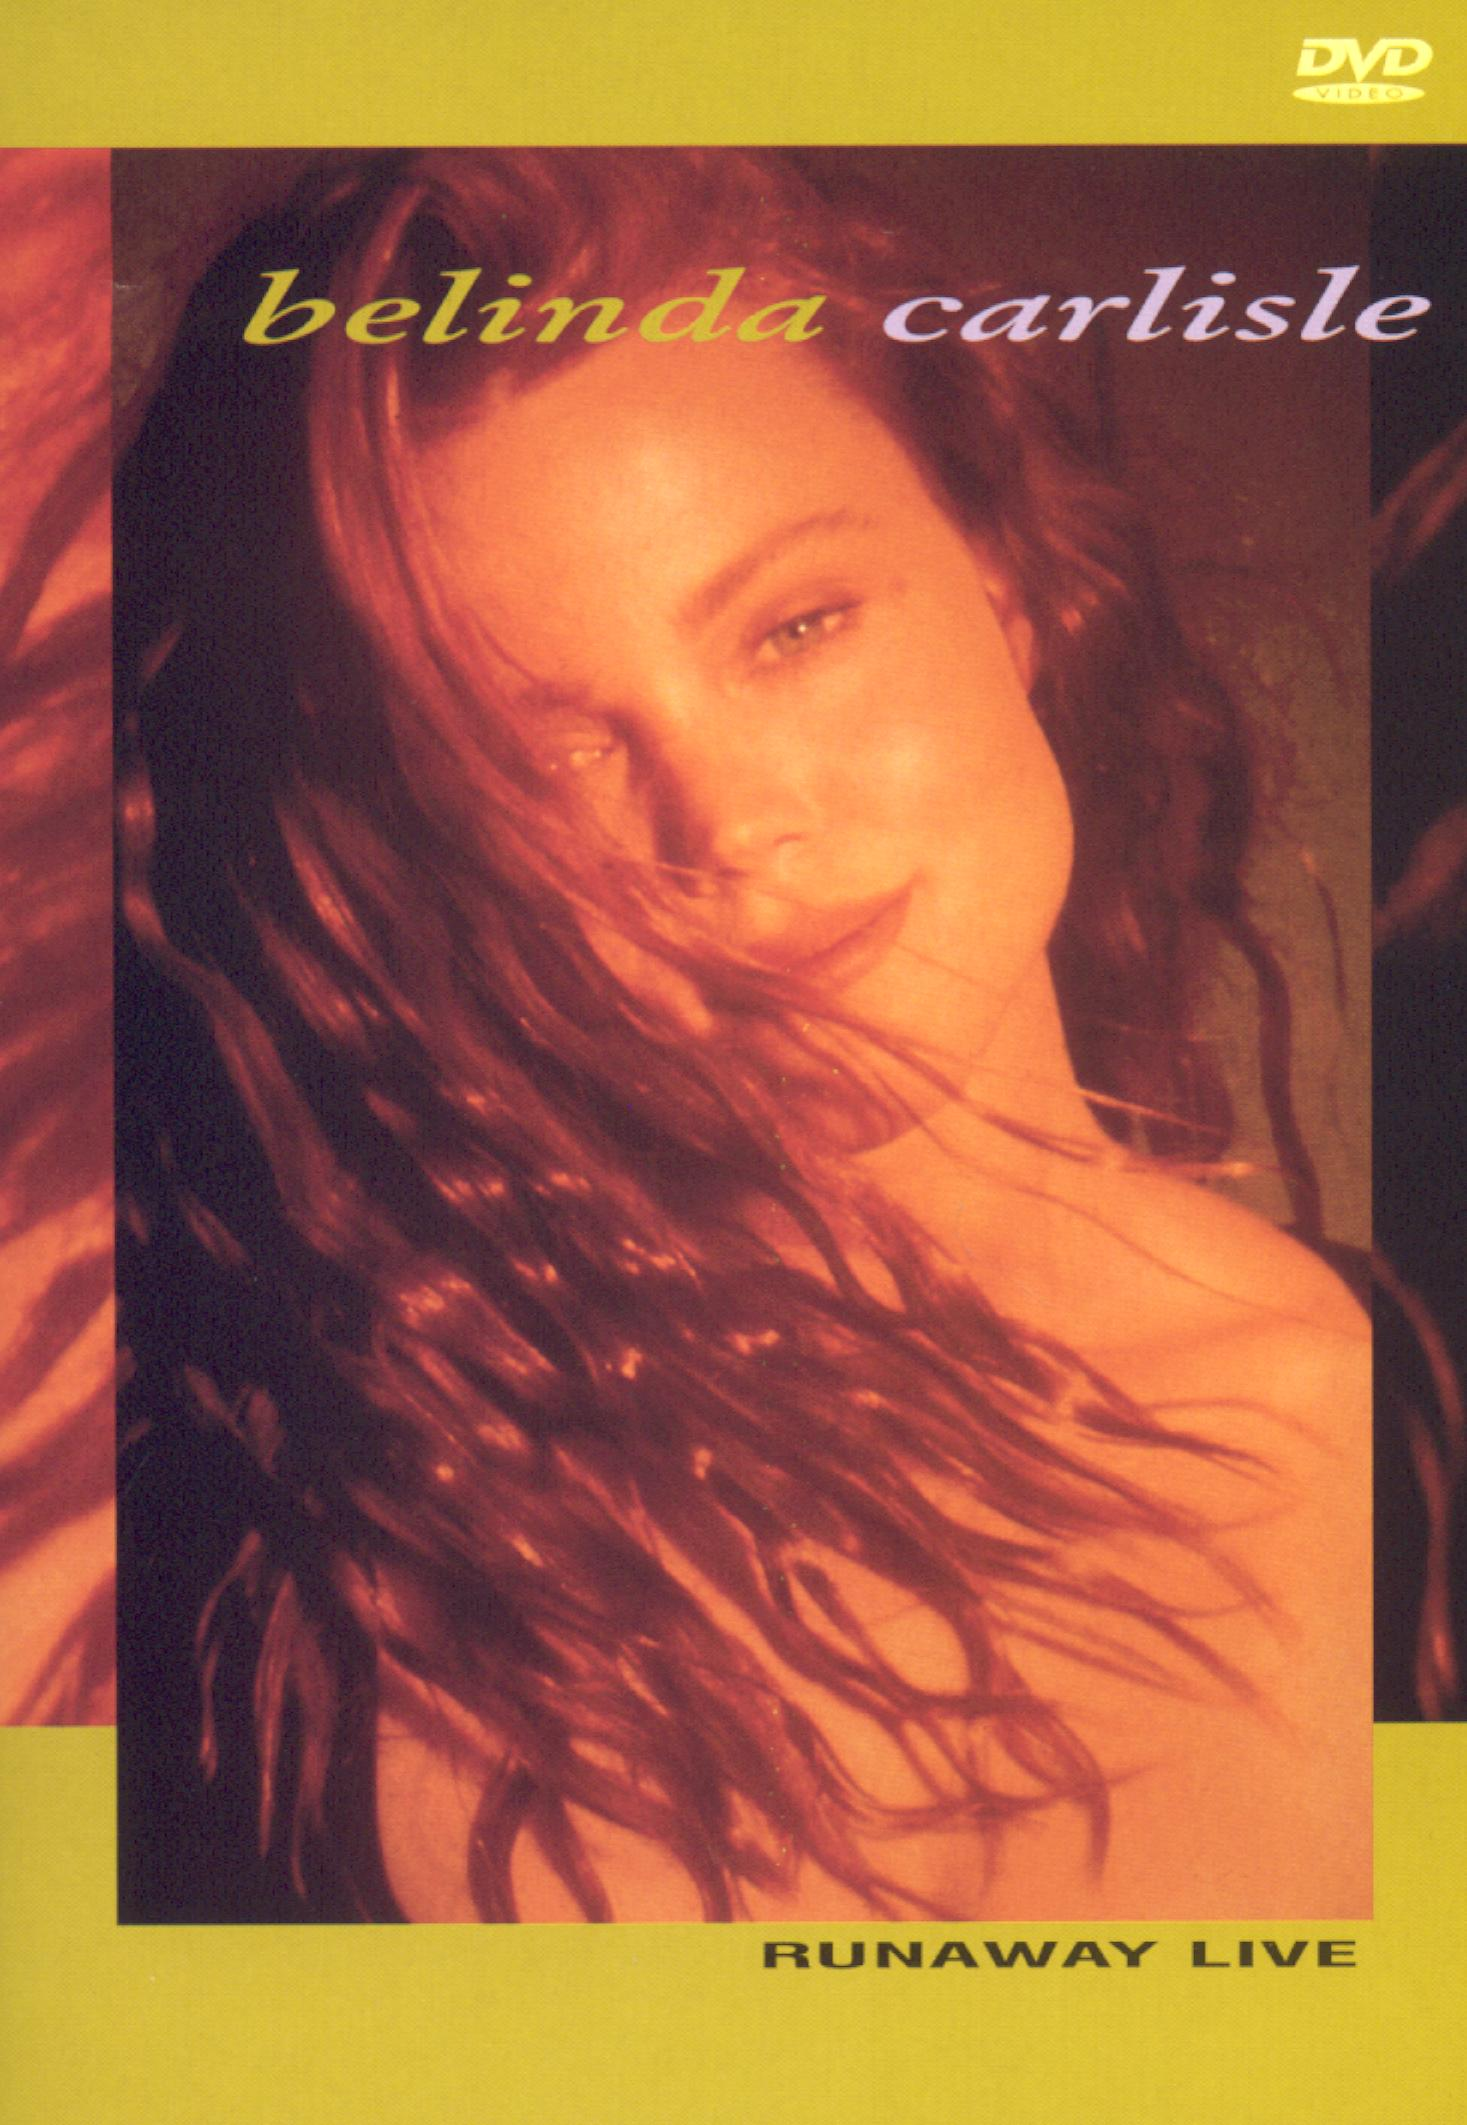 Belinda Carlisle: Runaway Live